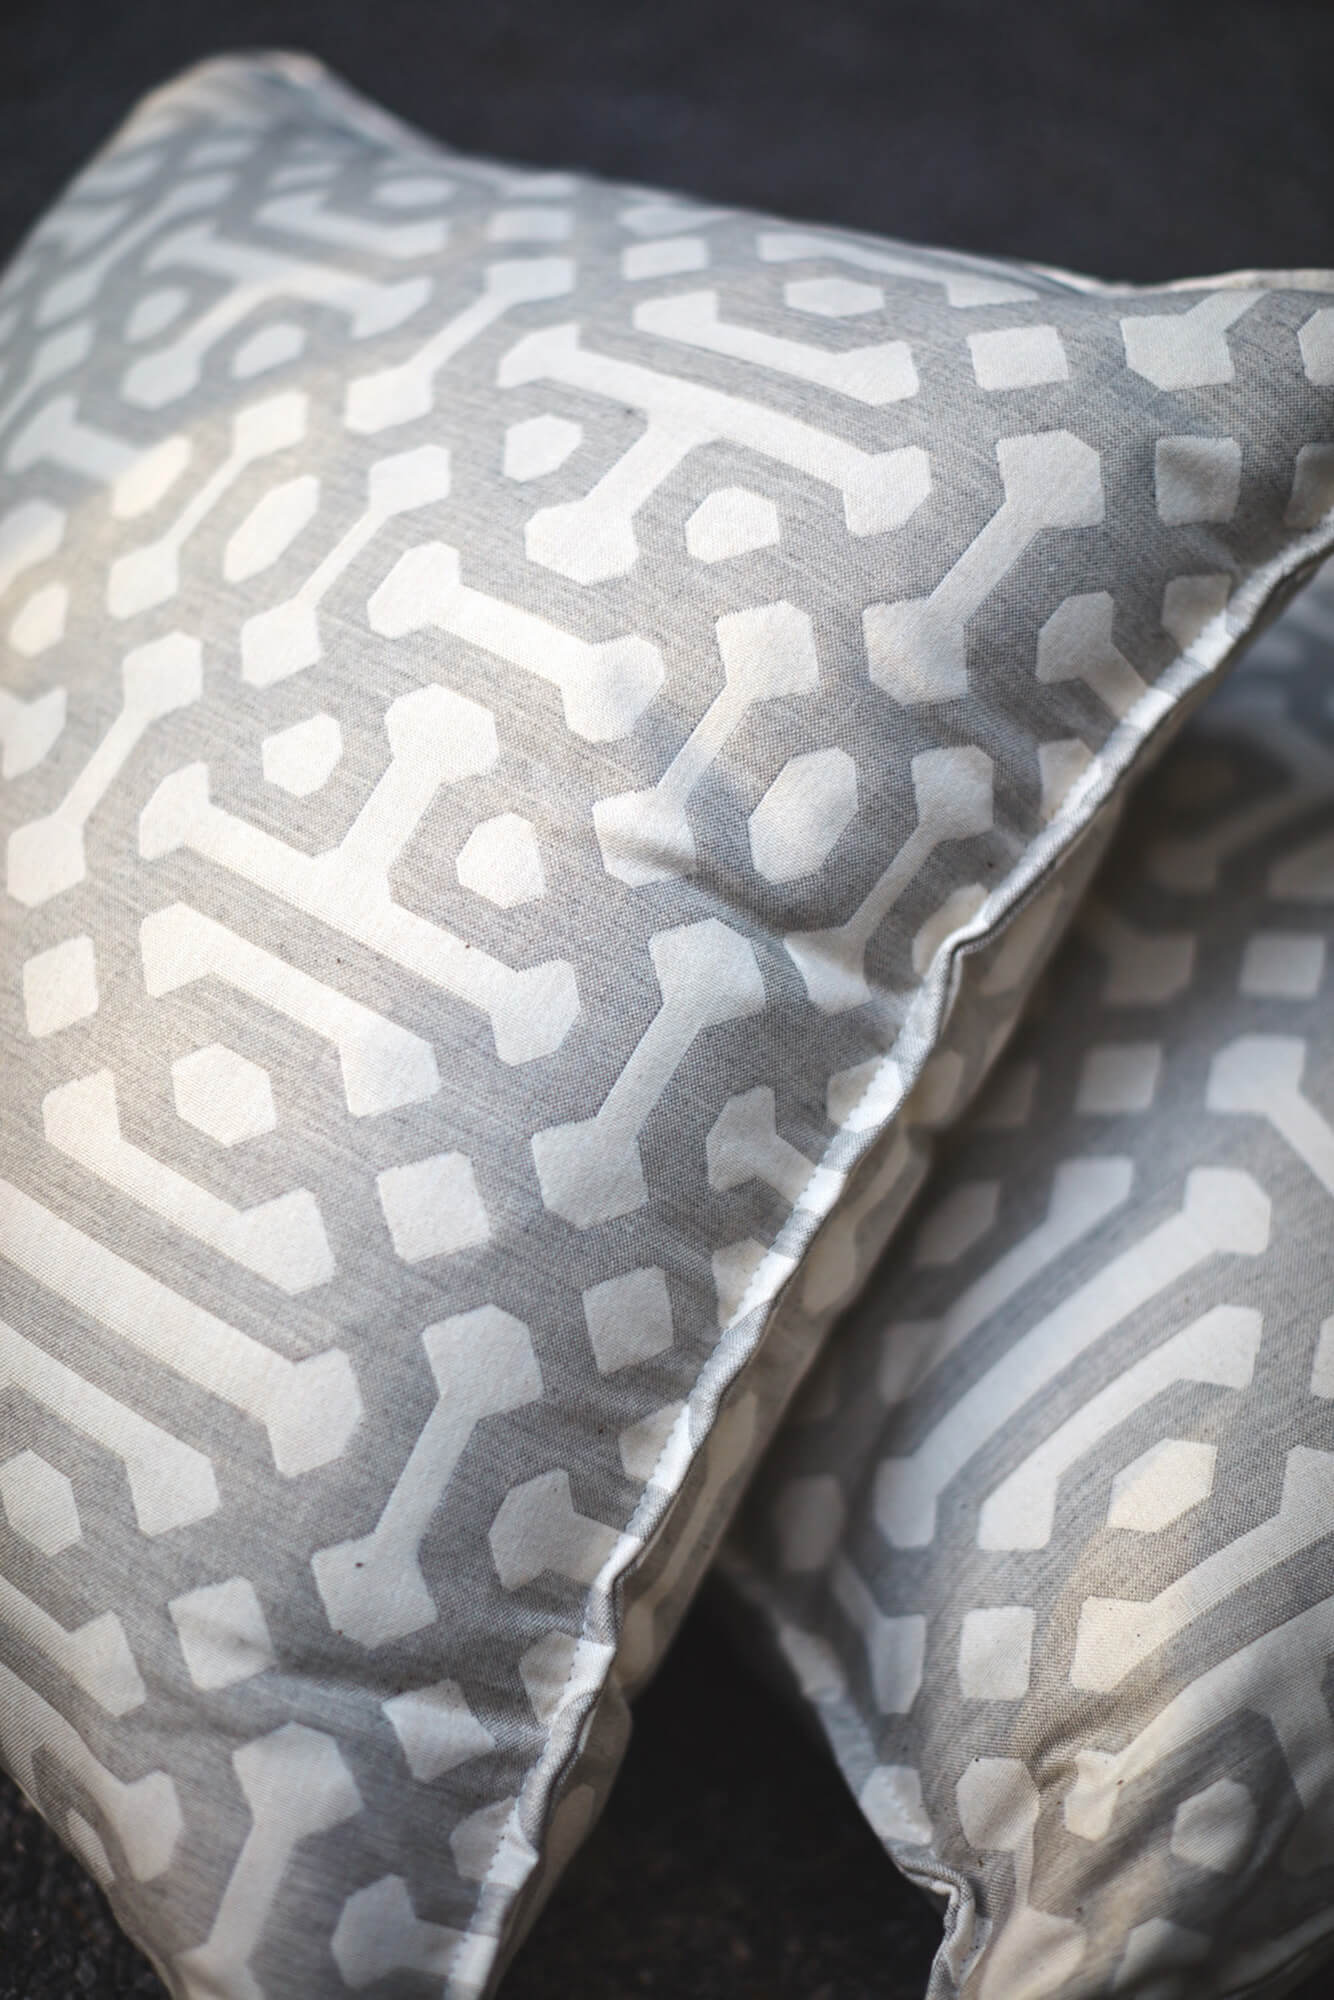 หมอนสองใบที่ทำจากผ้า Sunbrella Fretwork Pewter